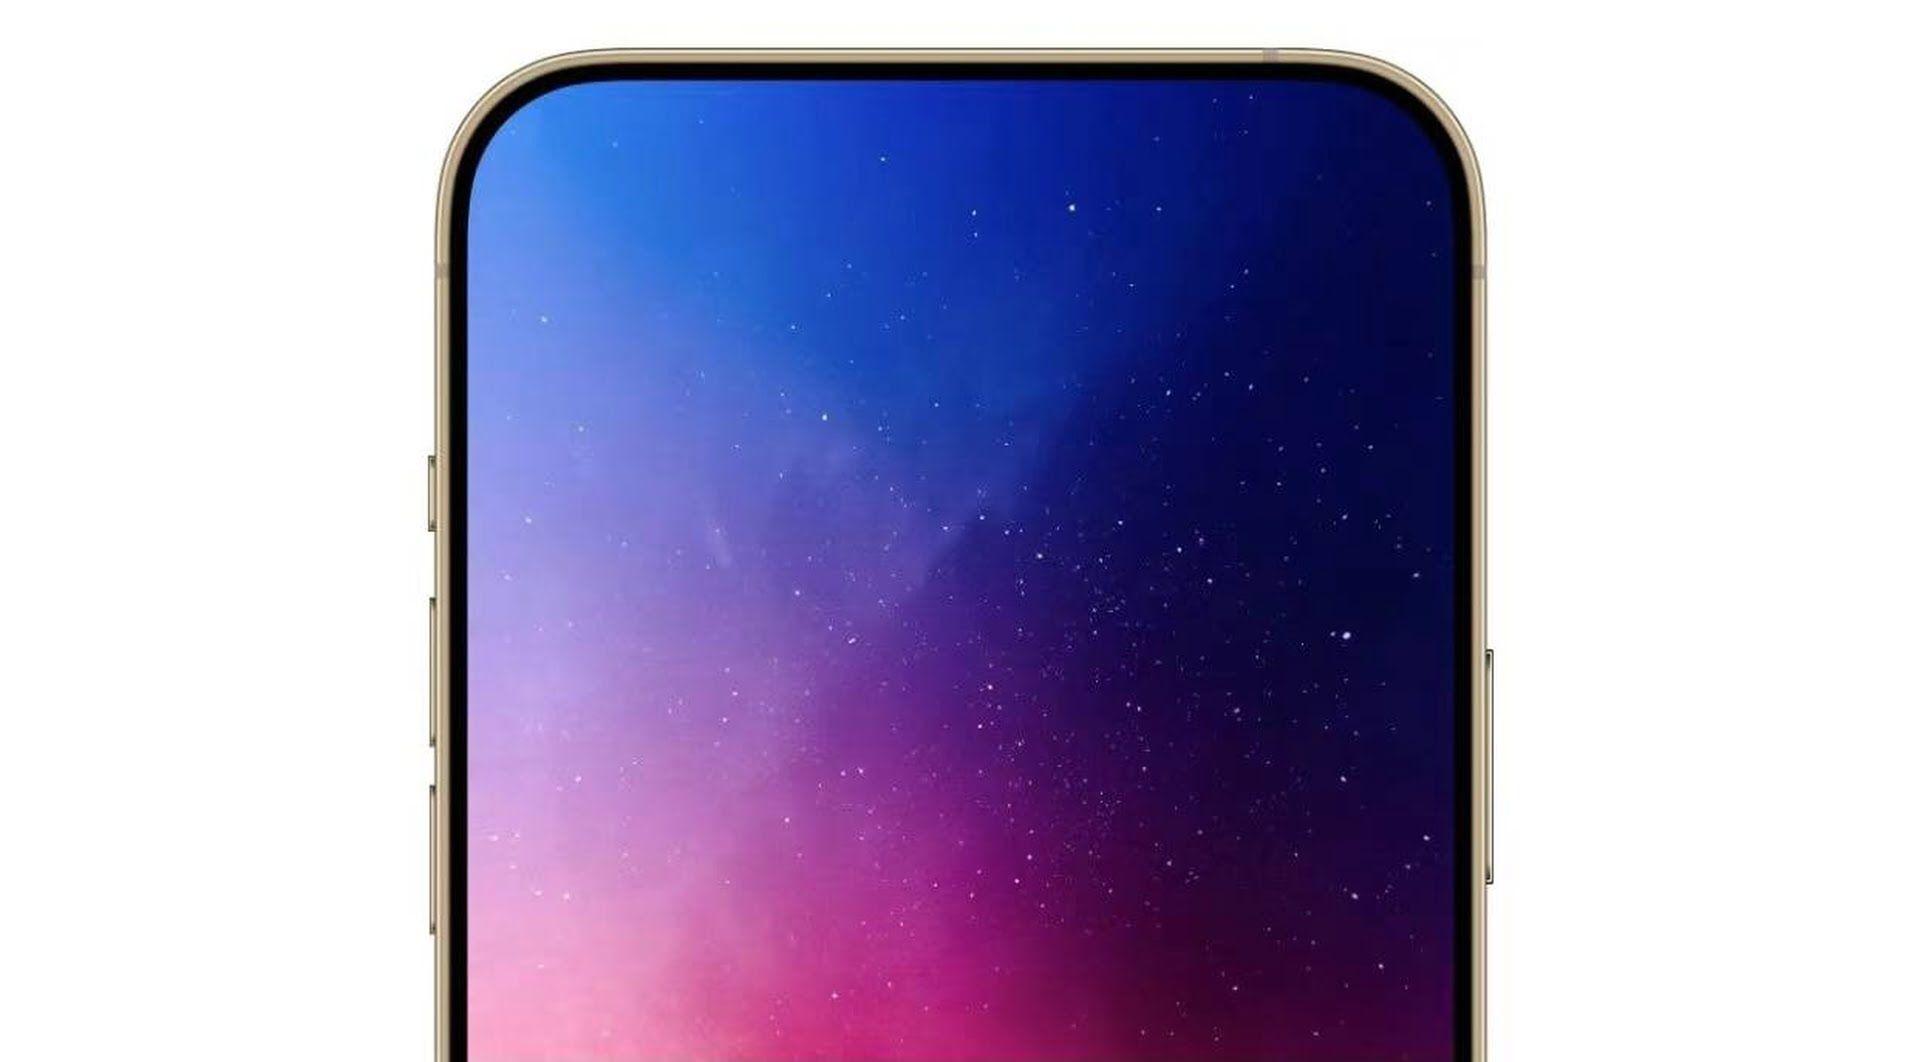 iPhone w 2023 roku być może z Face ID i aparatem pod ekranem